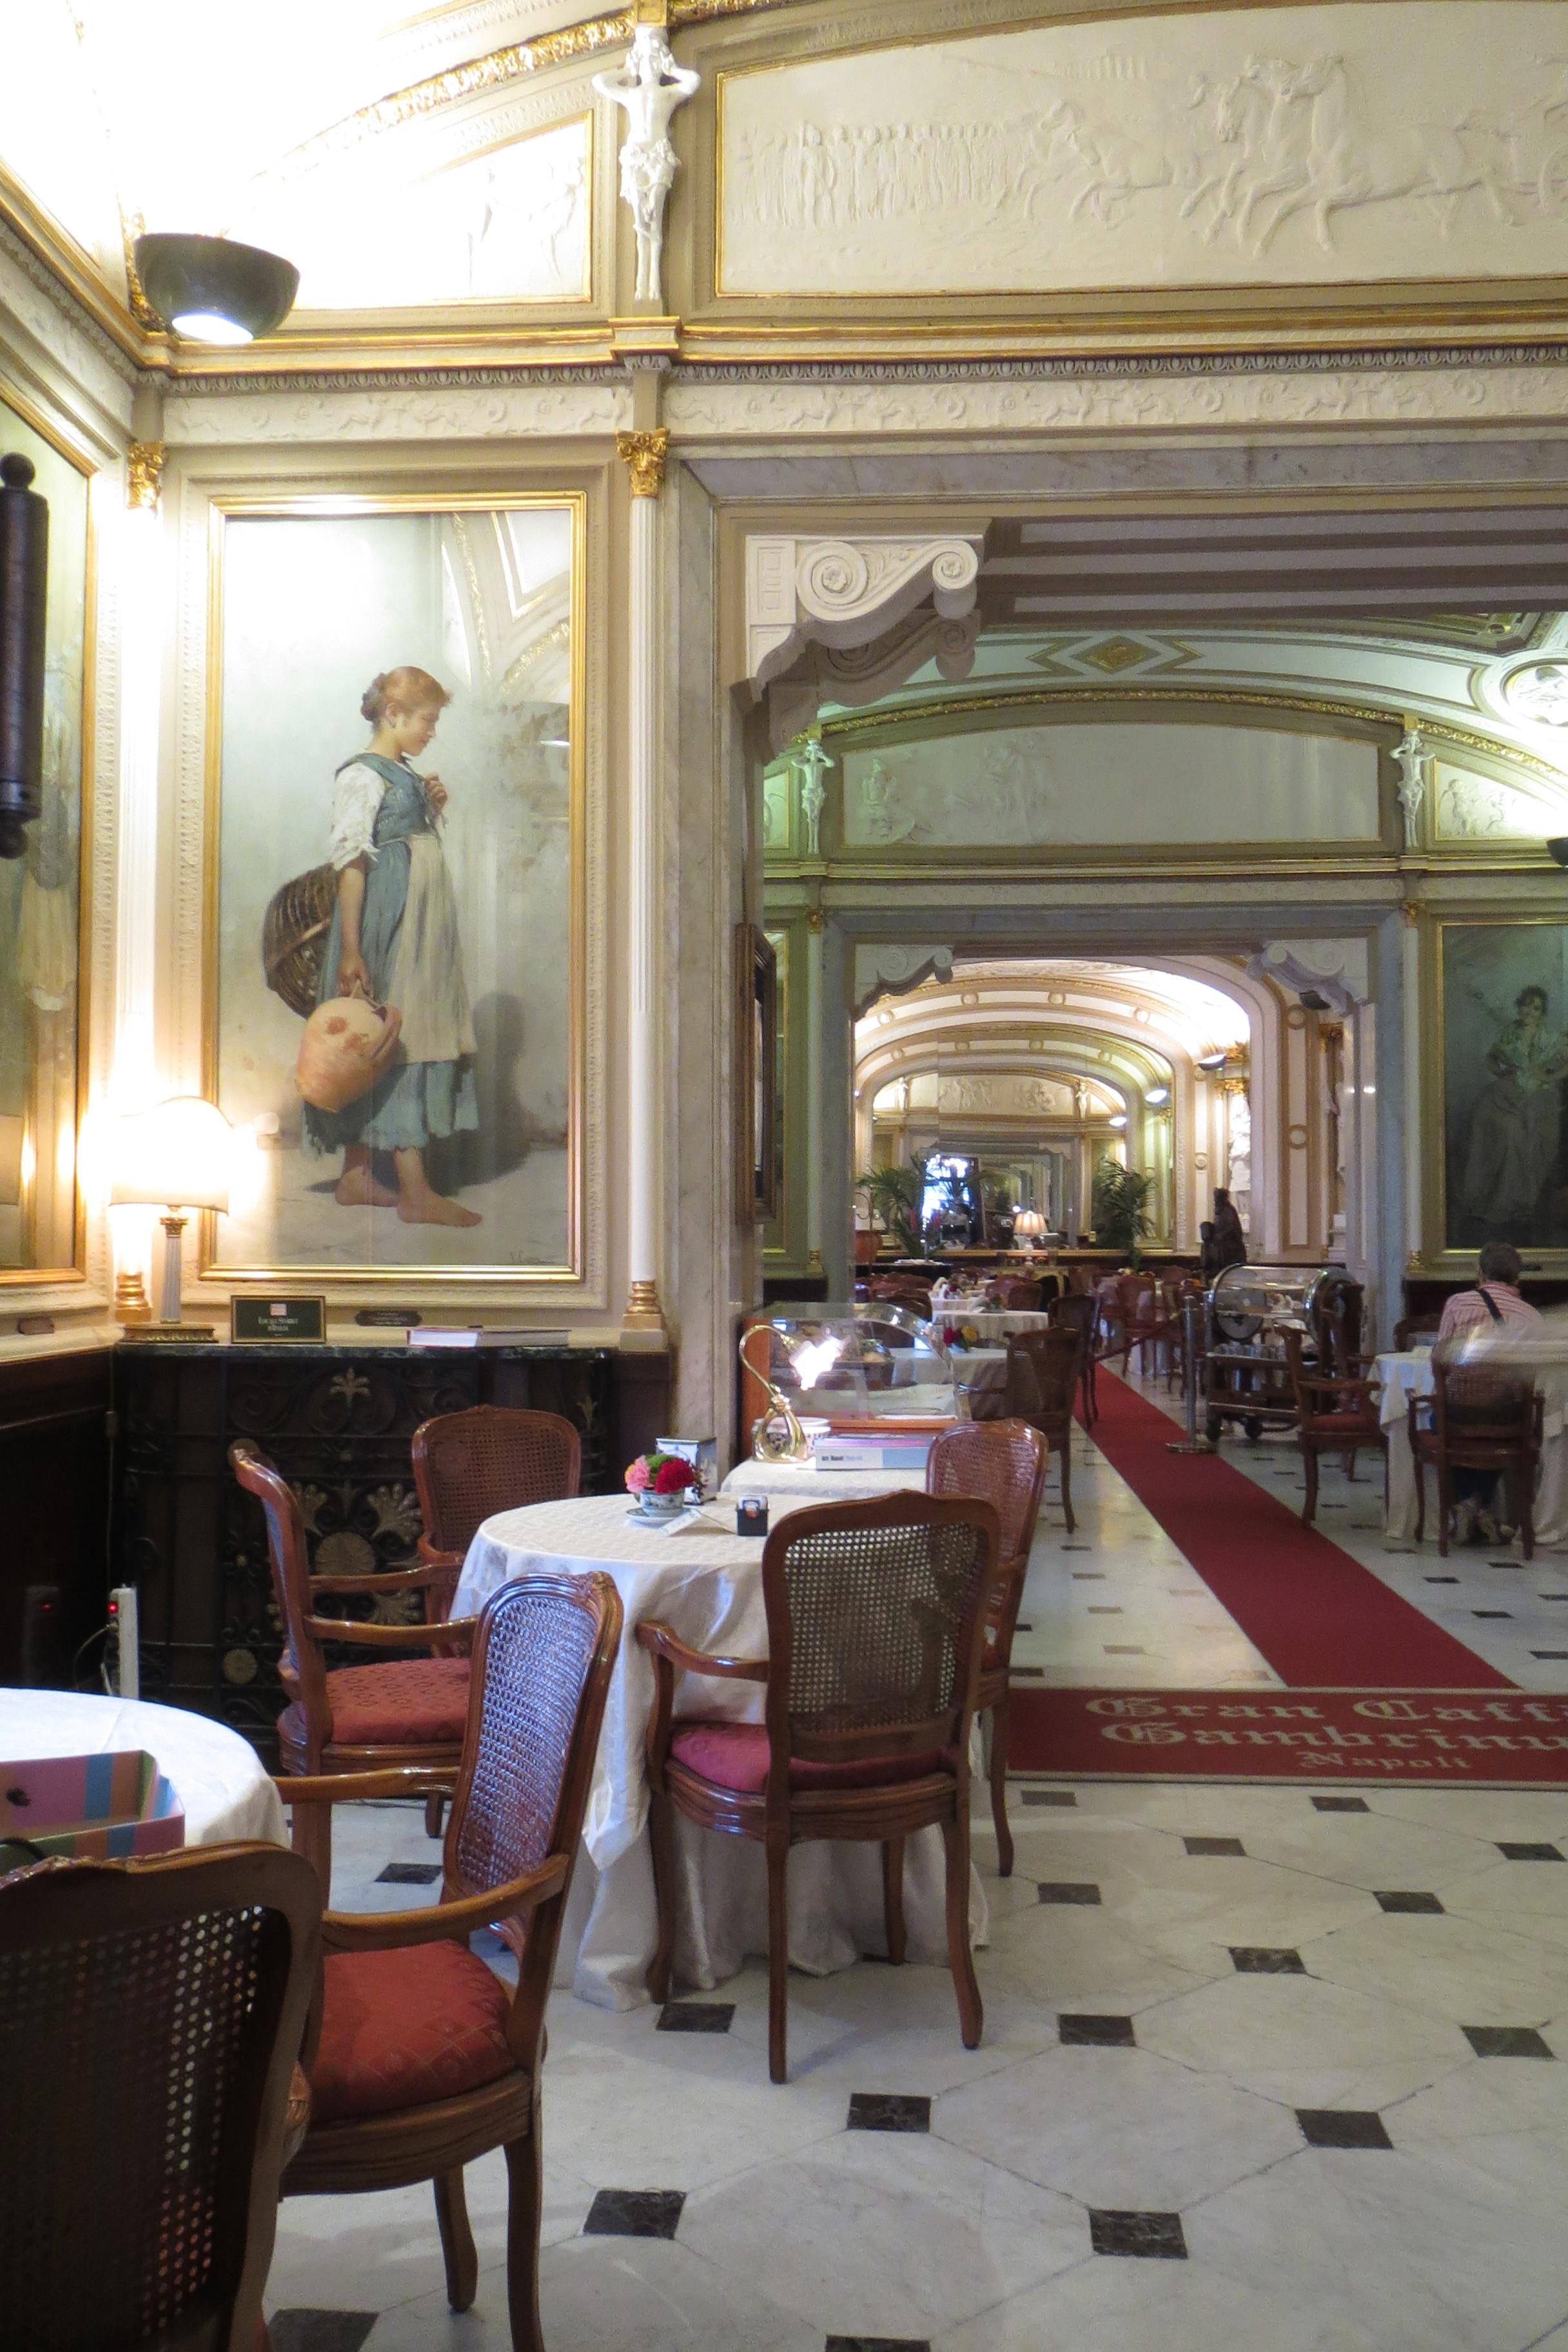 The elegant interior of the caffe' Gambrinus.